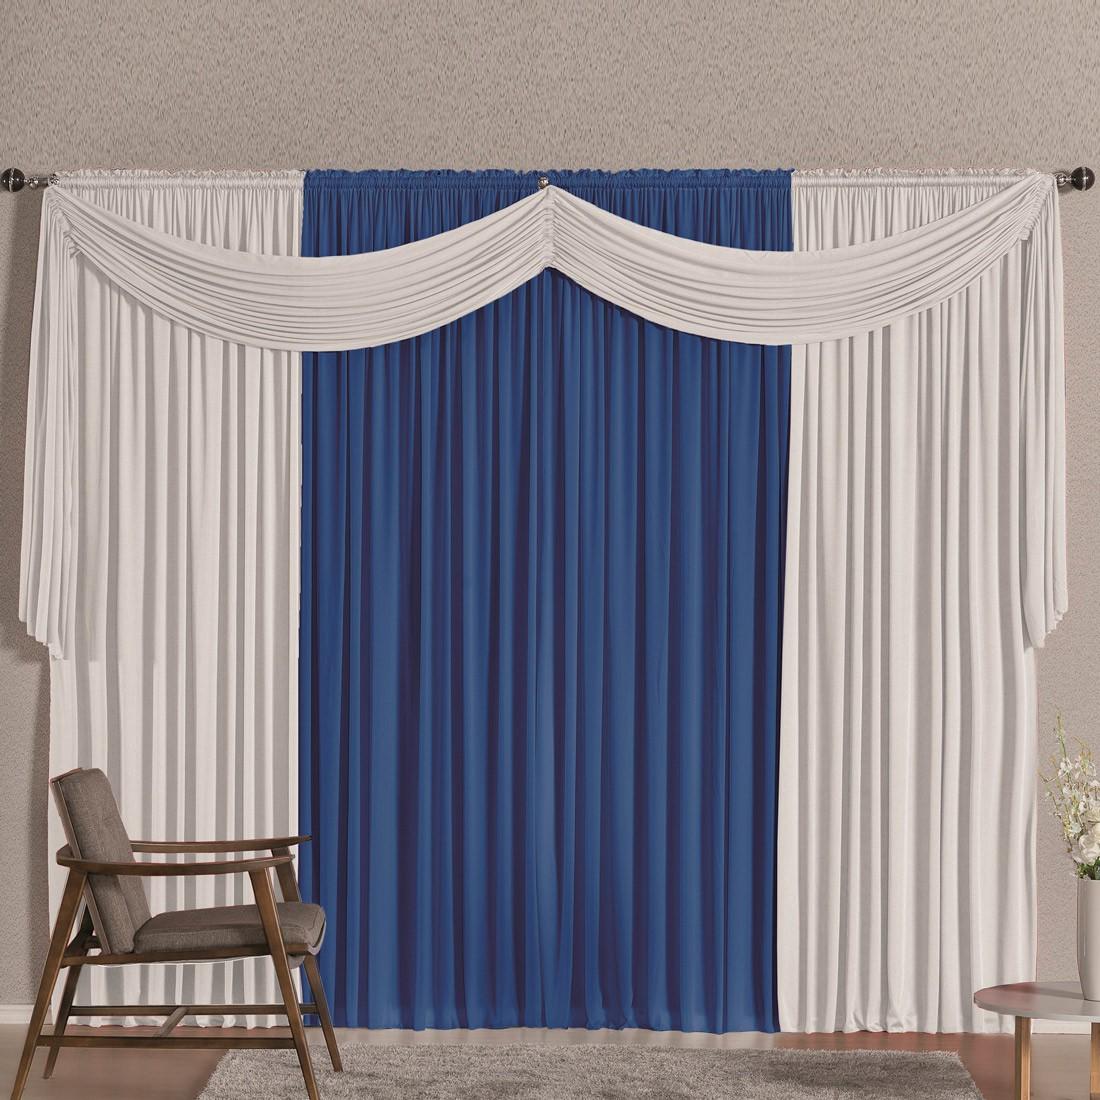 Cortina Versatty Azul/Branco 2,00m X 1,70m p/ Varão Simples